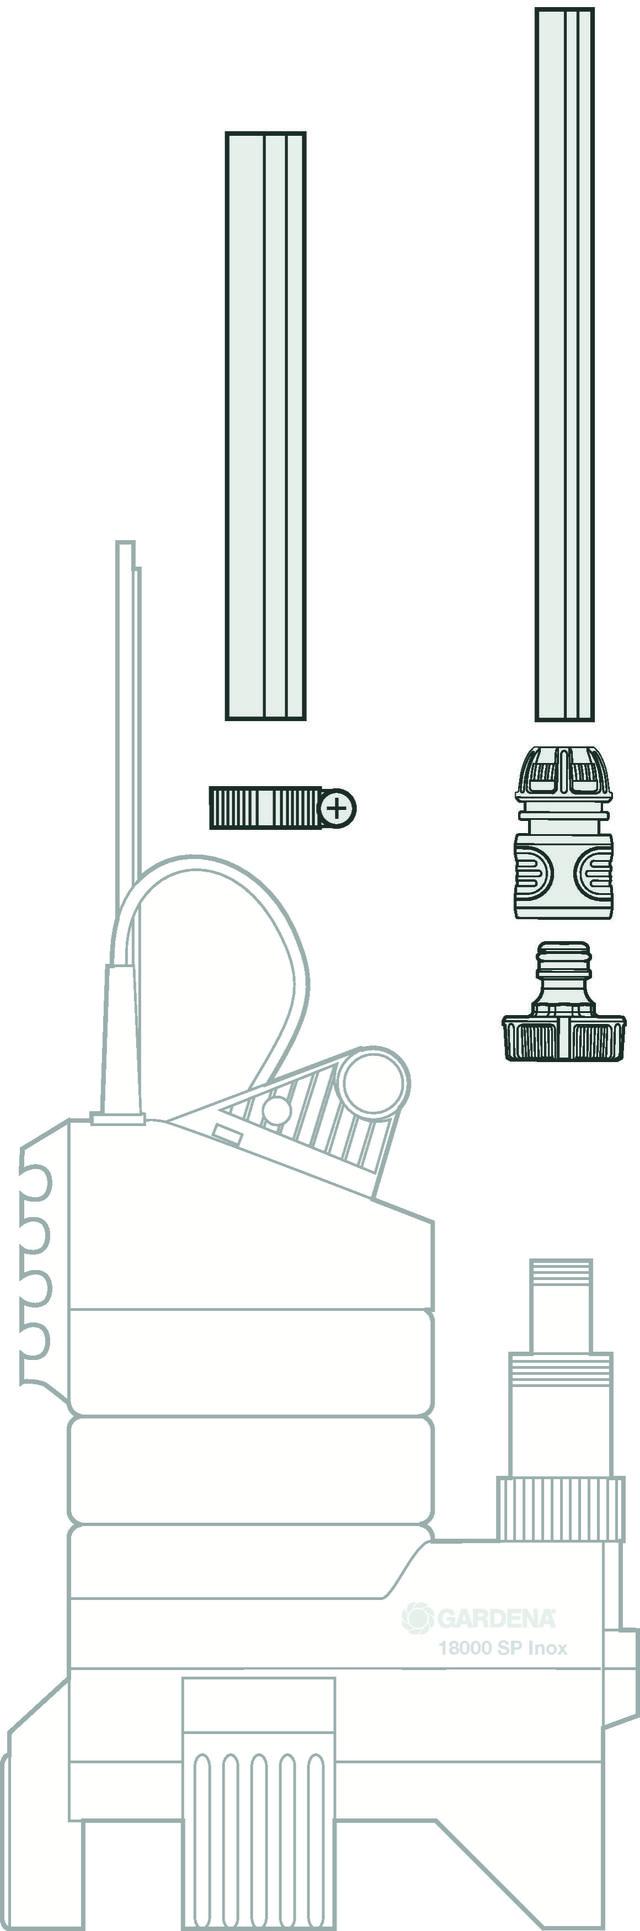 Насос дренажный для грязной воды Gardena 20000 Premium Inox варианты подсоединения к шлангу